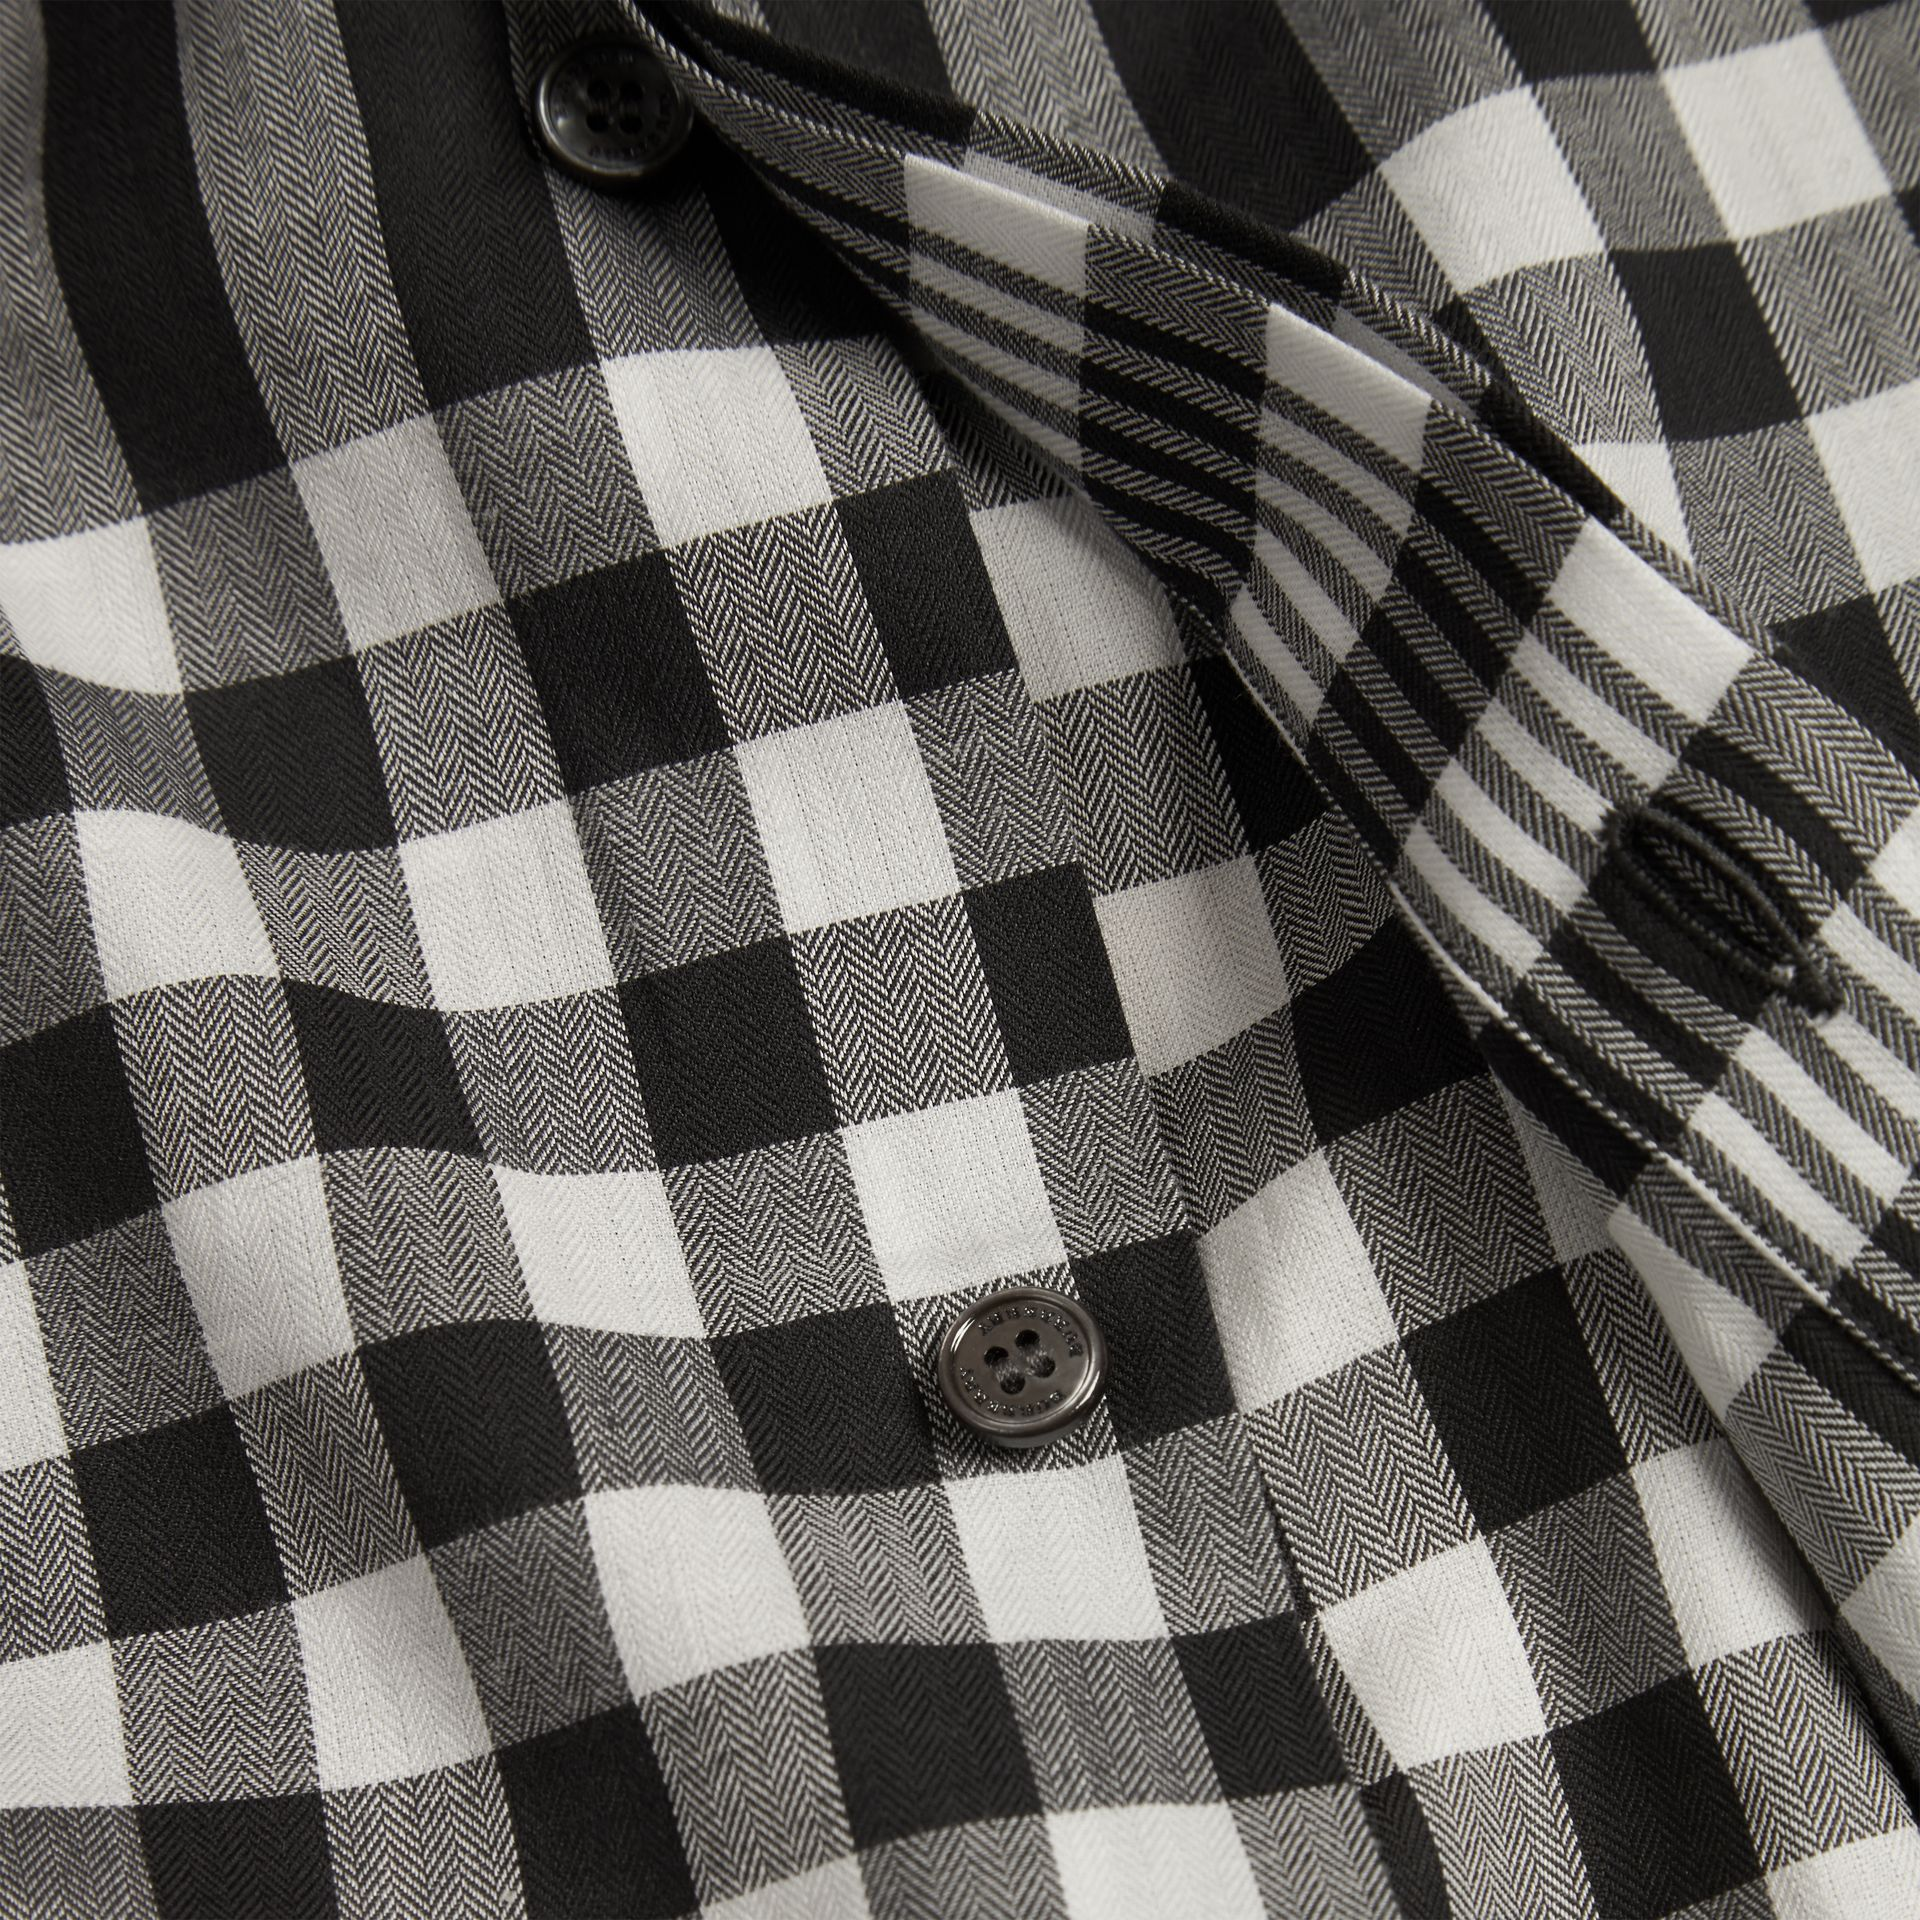 Nero Camicia in cotone con motivo check grafico Nero - immagine della galleria 2